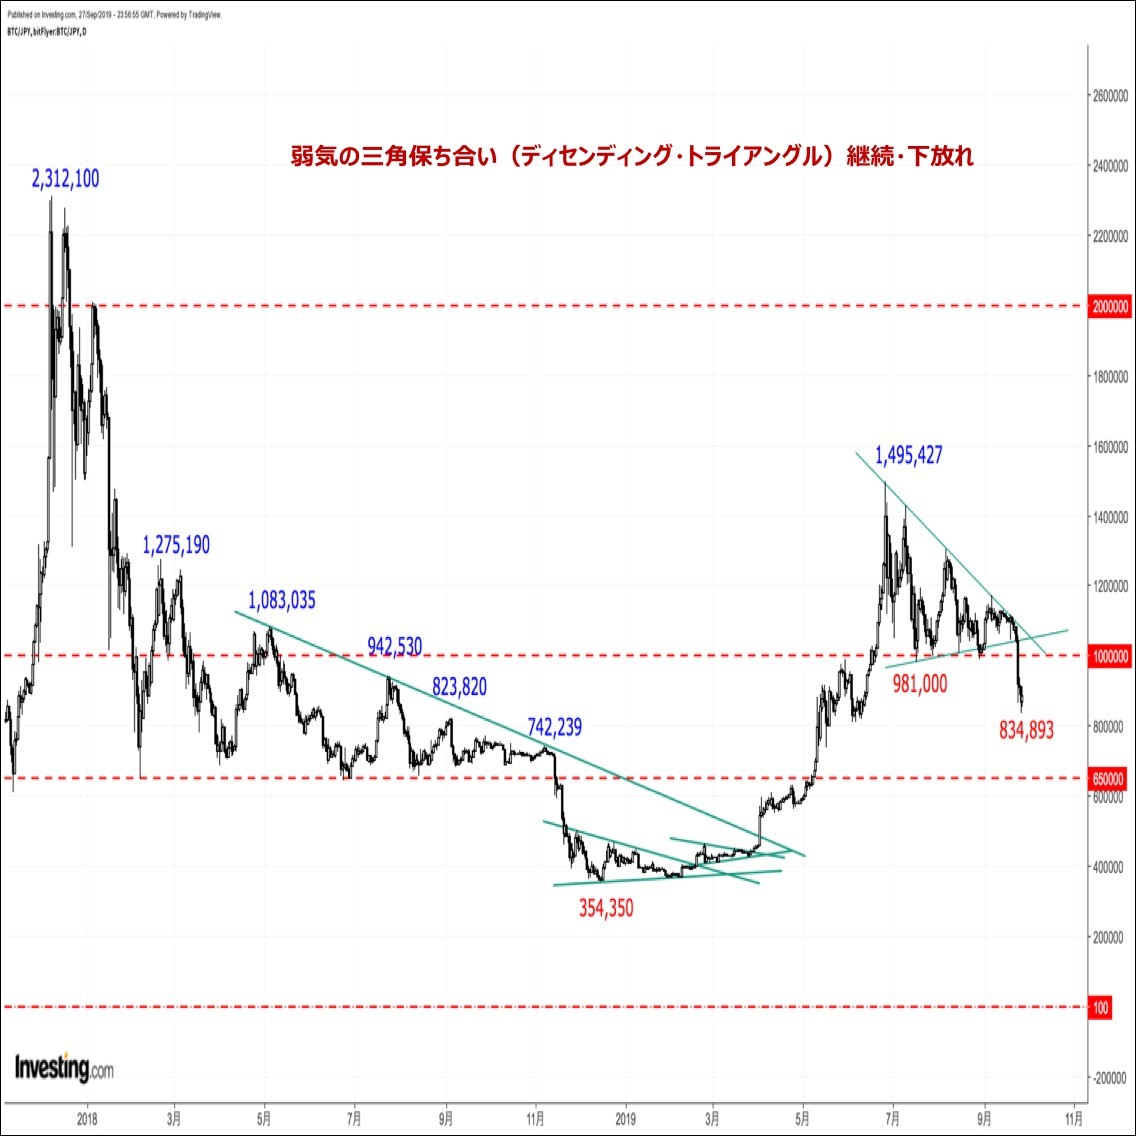 ビットコインの価格分析『弱気の三角保ち合い下放れ。一時83万円台へ暴落』(19/9/28)